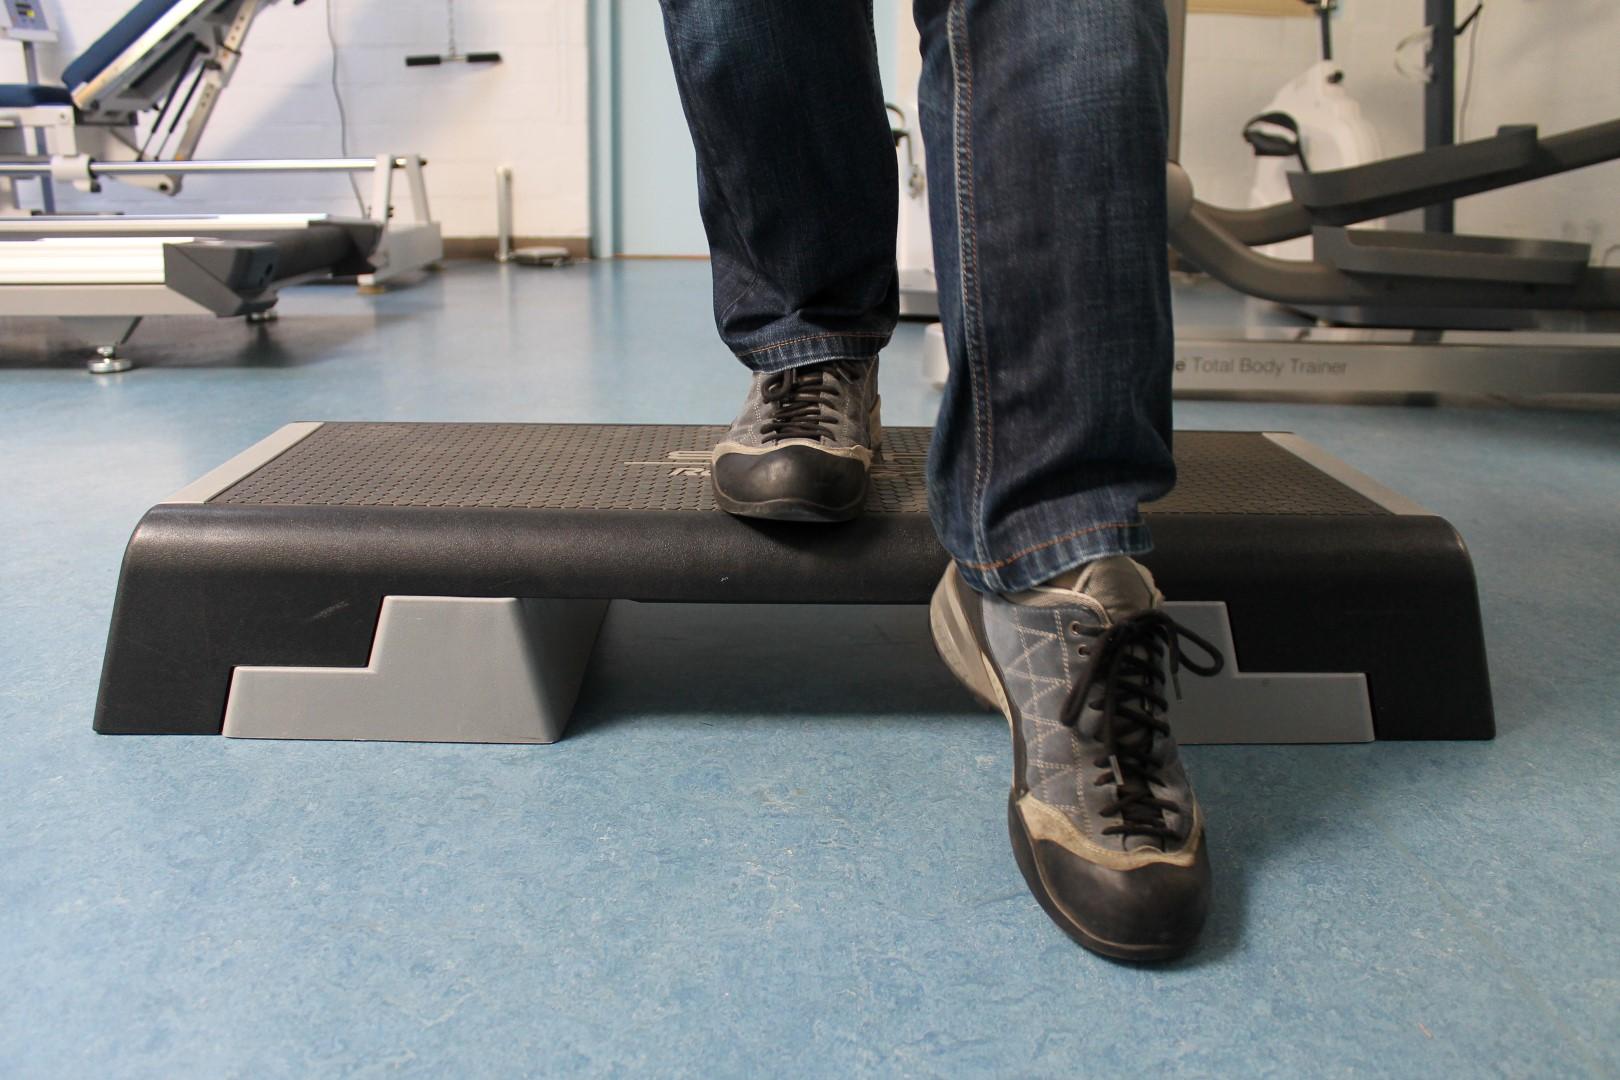 Steps Fysiotherapie de Haak